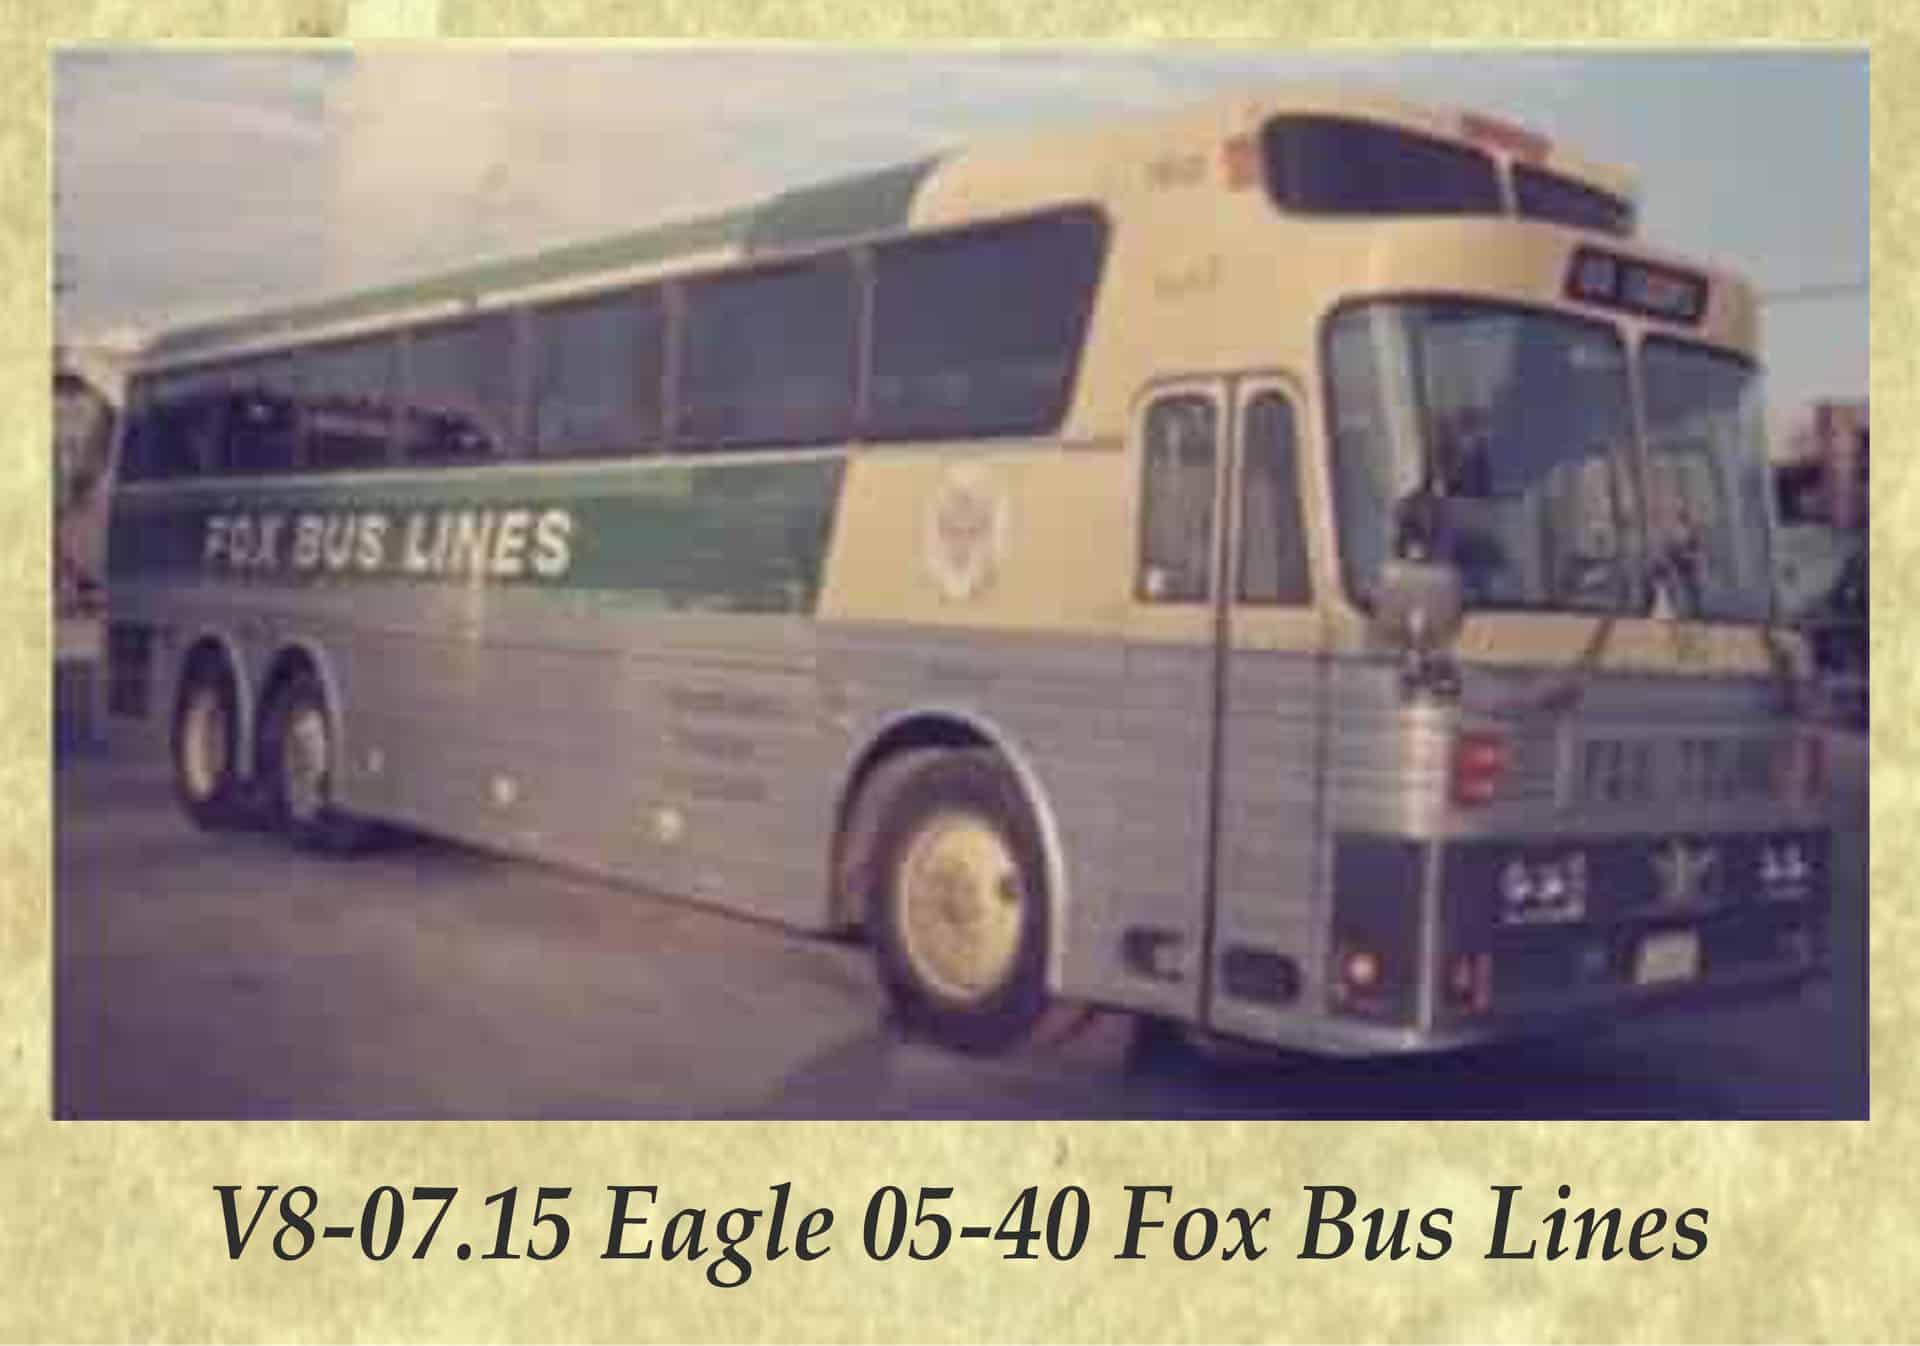 V8-07.15 Eagle 05-40 Fox Bus Lines